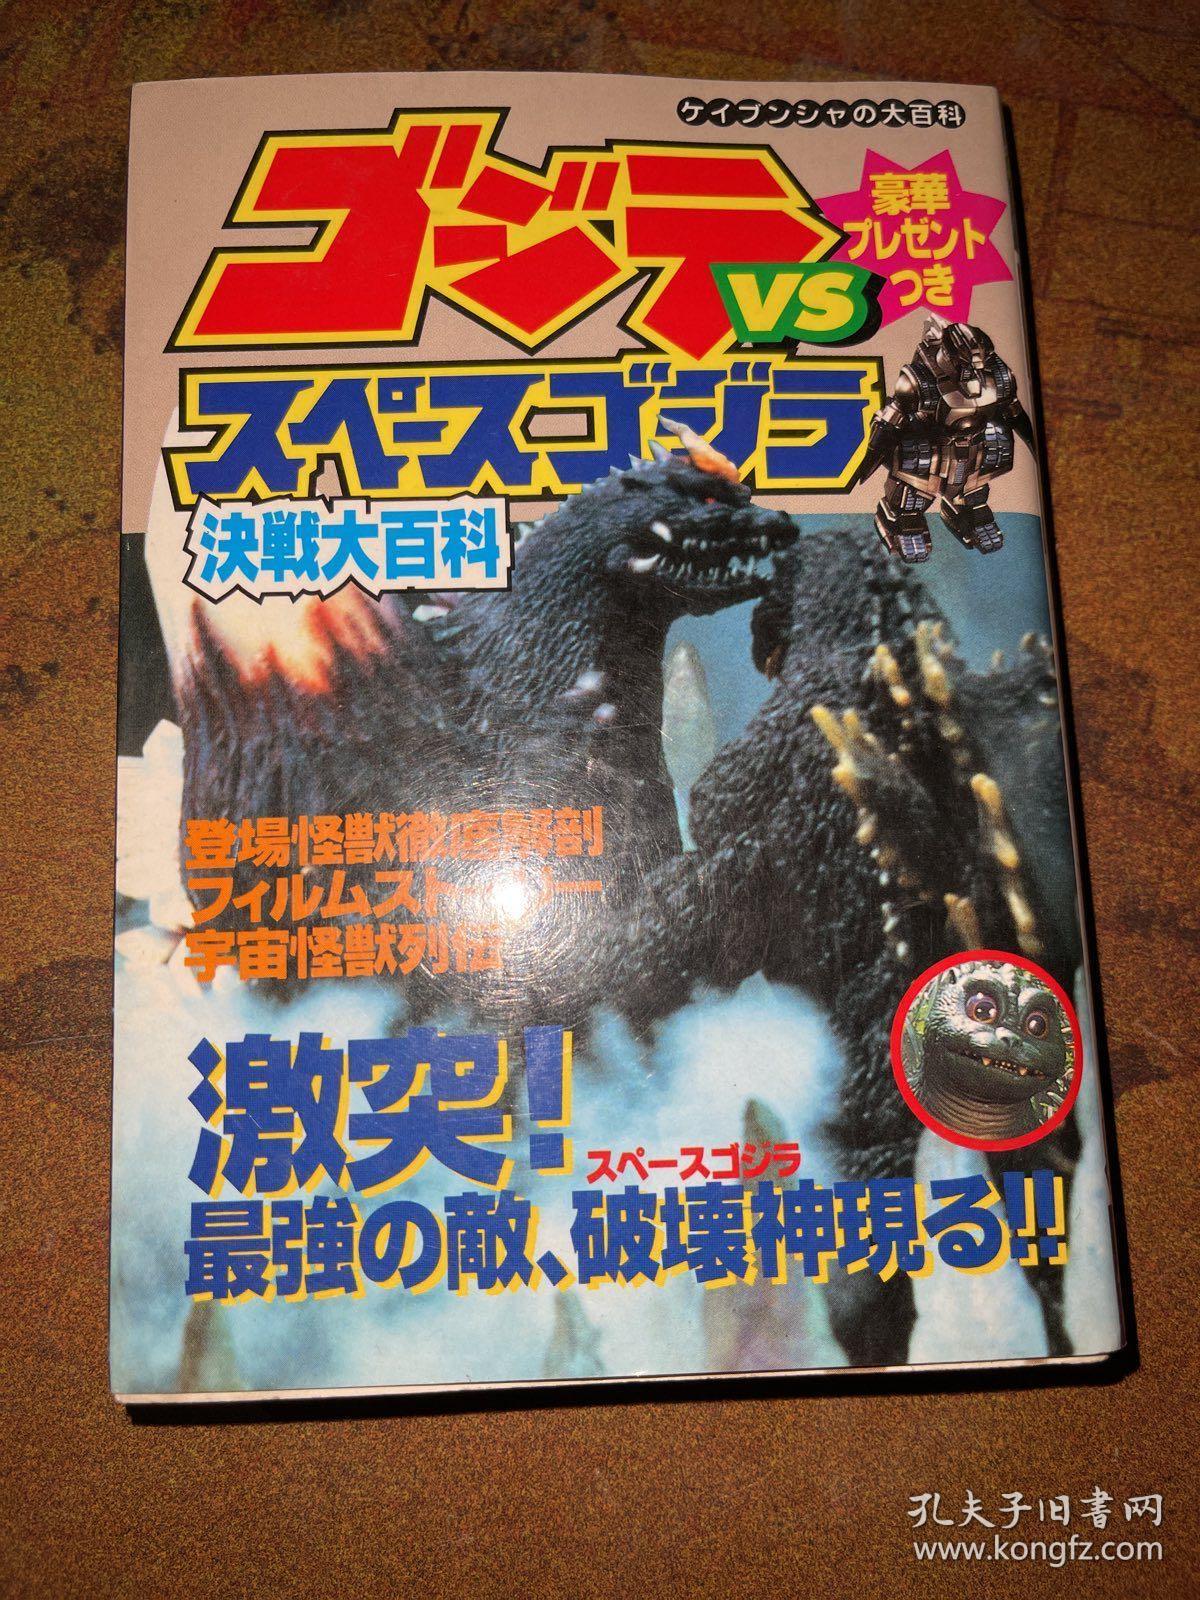 ブジラVSスペースゴジラ決戰大百科 布吉拉VS太空哥斯拉